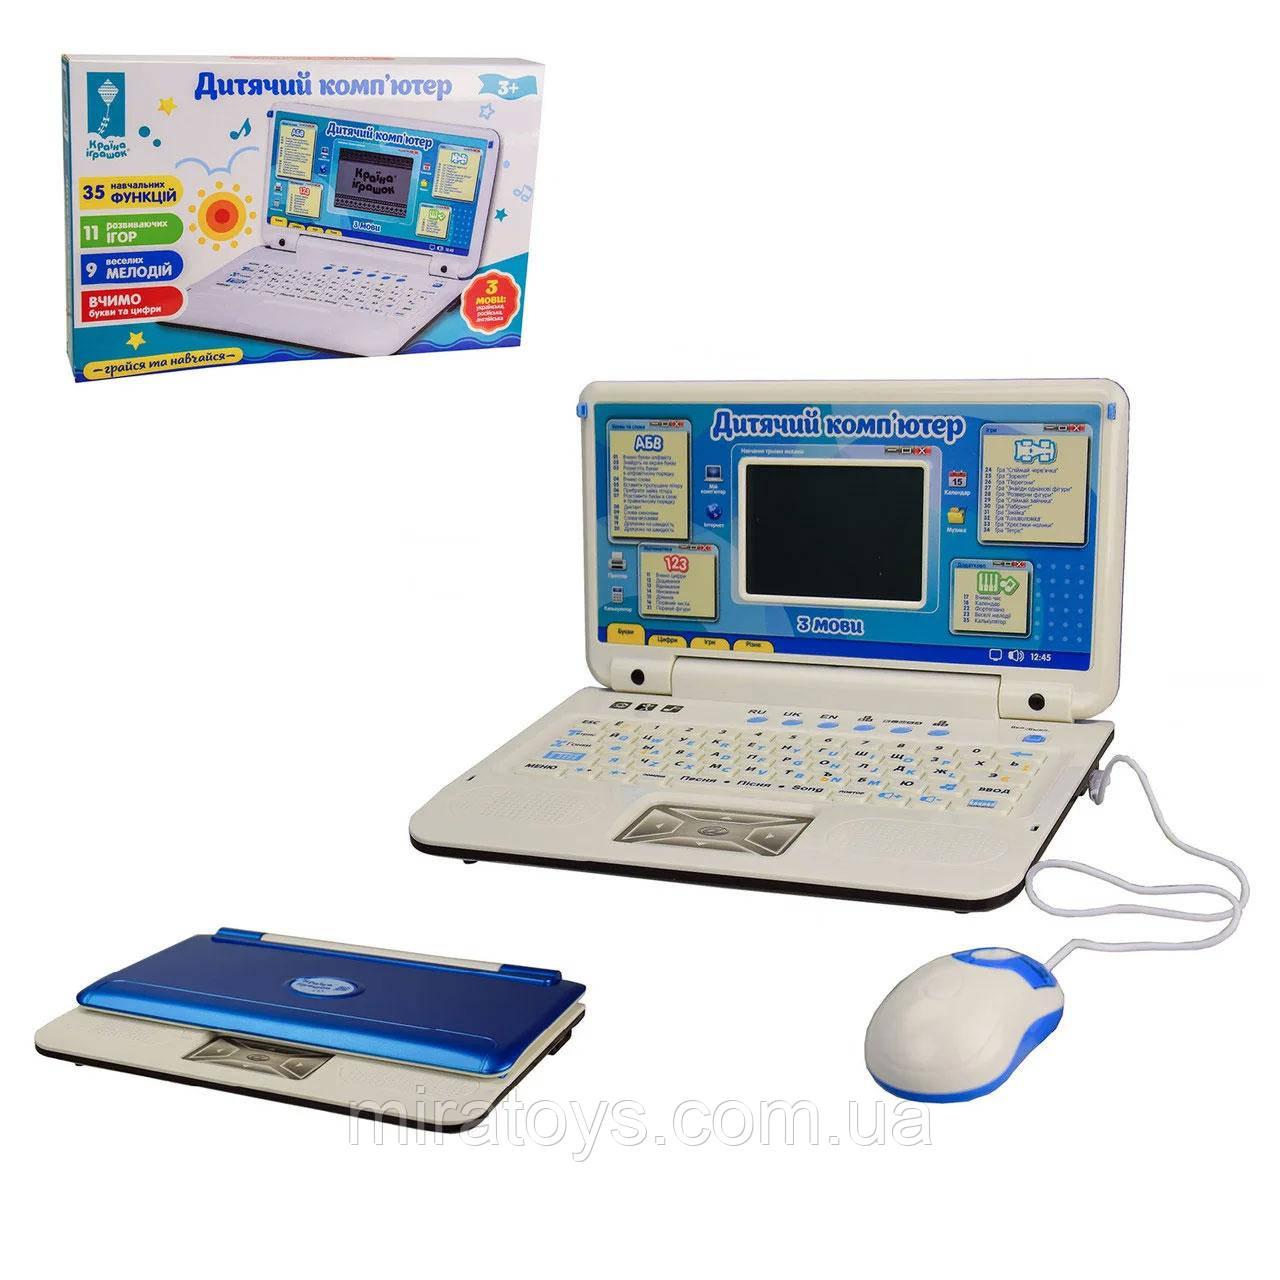 Детский компьютер-ноутбук PL-720-78 на русском, украинском и английском языках (35 функций)